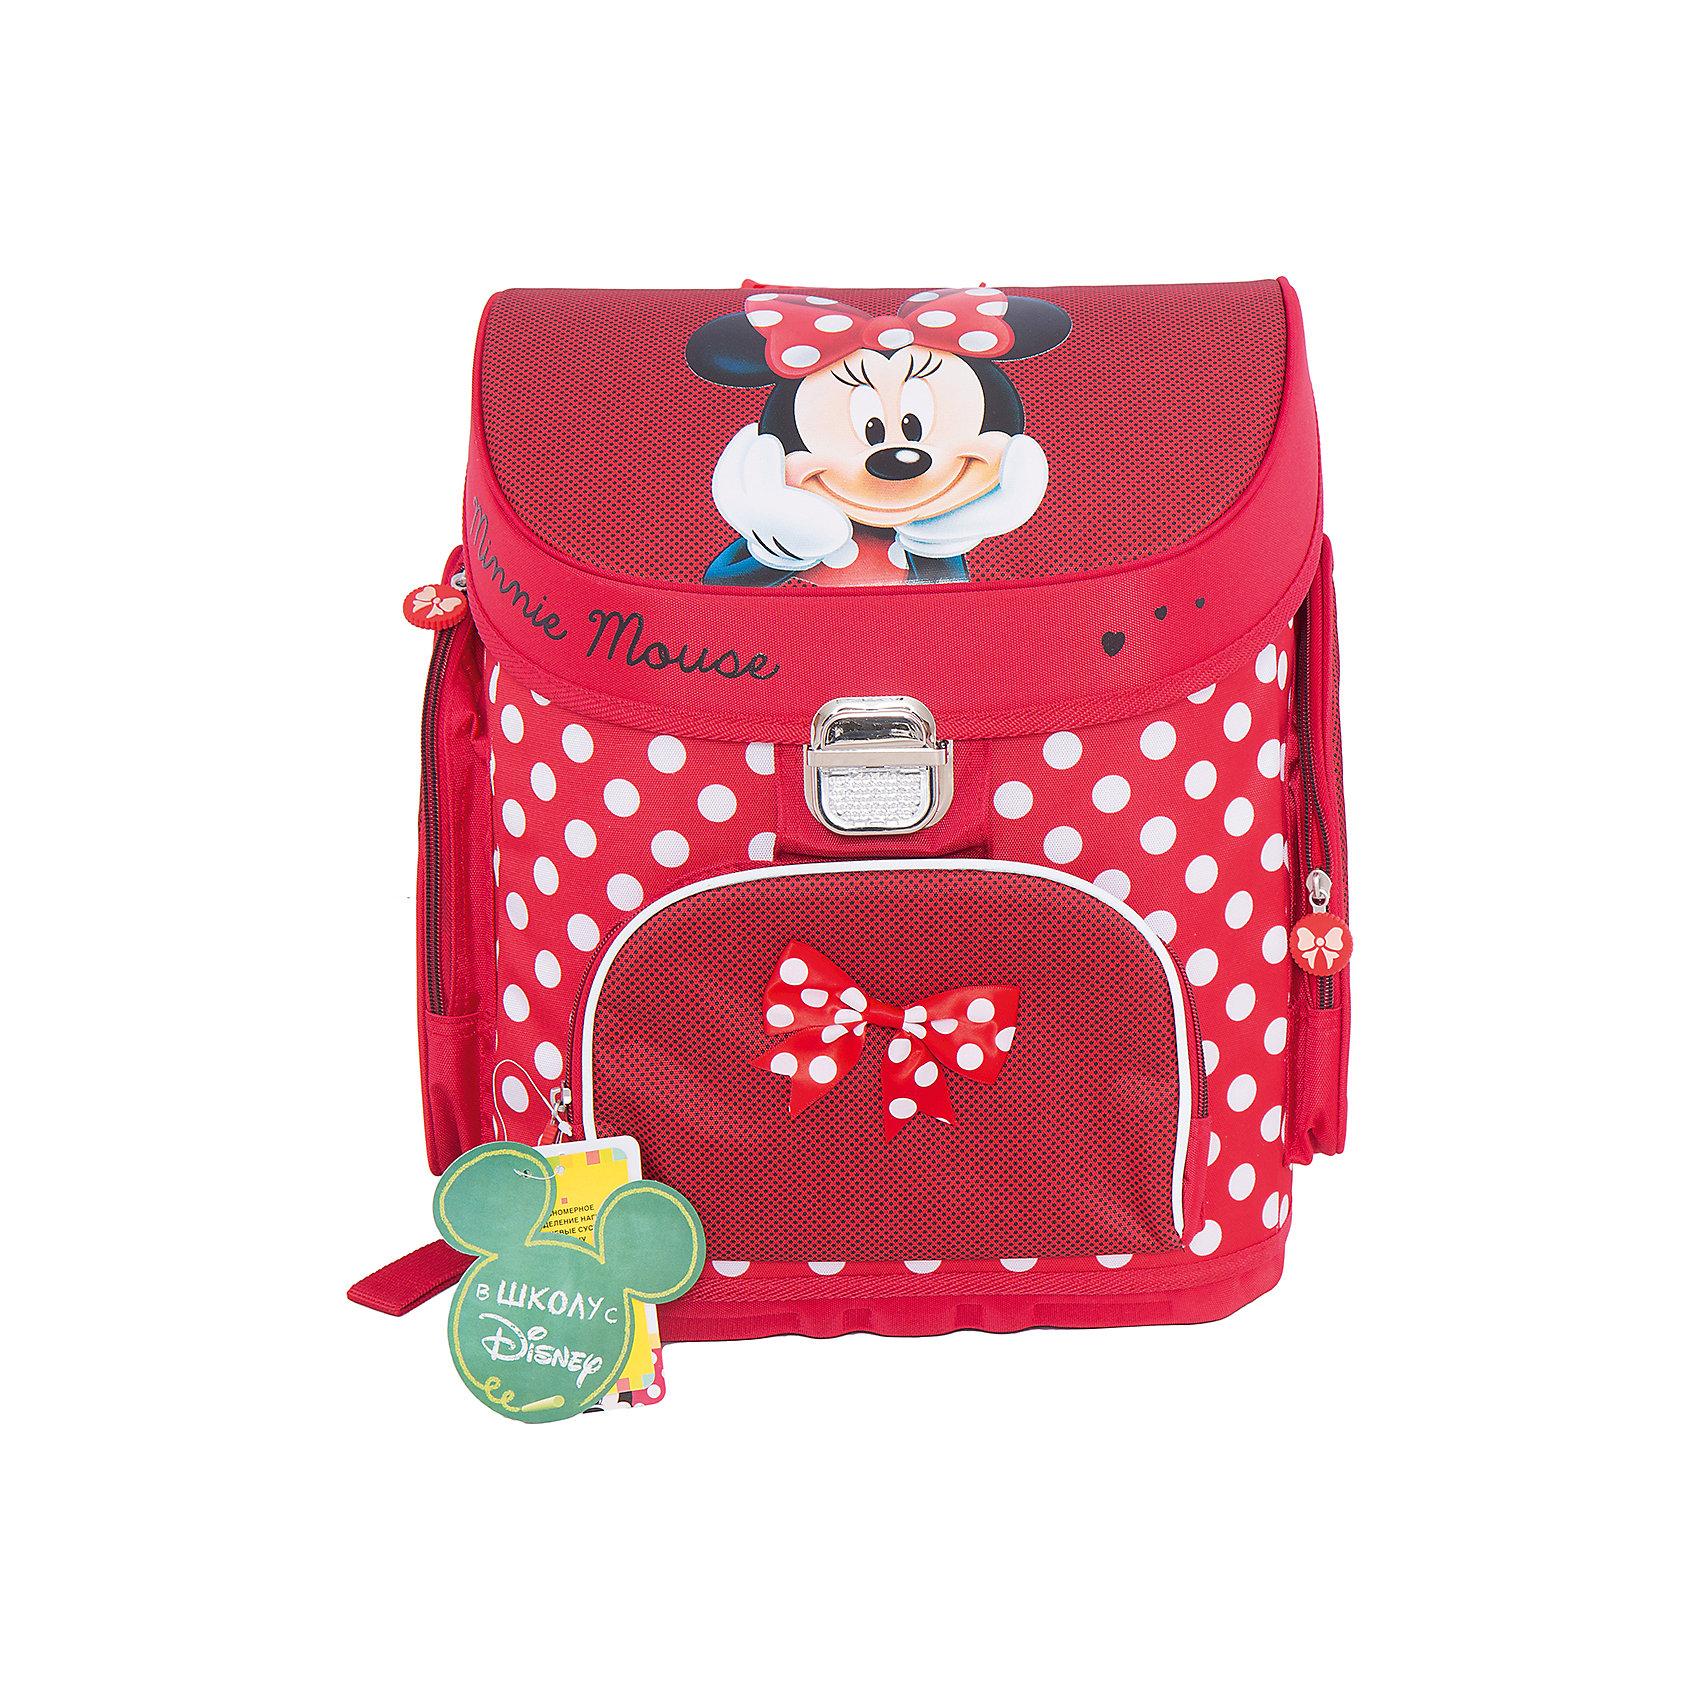 Школьный ранец Минни МаусУдобный и очень красивый ранец Минни Маус (Minnie Mouse) просто создан, чтобы раскрасить школьные будни Вашей принцессы. Компактный и вместительный, он украшен ярким горошком и изображением любимой мышки Минни! Каркасный ранец Минни Маус (Minnie Mouse) очень удобен для школьников: в основное отделение помещаются листы формата А4. Тетради и учебники никогда не помнутся в таком рюкзаке. Ребенку всегда легко будет найти в нем нужные вещи: спереди есть карман для пенала на молнии, внутри - место для ключей и личной карточки. В ранце Минни Маус (Minnie Mouse) все продумано для того, чтобы осанка ребенка не страдала при ежедневной носке портфеля: плотная спинка создана из дышащего материала, а плотные вставки из поролона помогают правильно распределять нагрузку на плечевой пояс. В темное время суток ребенка с ранцем легко заметить благодаря наличию светоотражающих элементов. Носить ранец легко и на плечах и в руке. Уплотненное дно из ЕVA материала защитит содержимое ранца от намокания. А обладательницу рюкзака особенно порадует бантик на кармашке и замечательные подвески на молнии.<br>  <br>Дополнительная информация: <br><br>- Ортопедическая спинка;<br>- Два удобных внутренних отделения;<br>- Ручка для переноски;<br>- Наружные карманы на молнии;<br>- Рюкзак сделан из износостойкого водонепроницаемого материала;<br>- Понравится поклонникам мультфильма Минни Маус (Minnie Mouse);<br>- Высота боковых карманов: 23 см;<br>- Размер: 31 х 23 х 39 см;<br>- Вес: 1,3 кг<br><br>Ранец Минни Маус (Minnie Mouse) можно купить в нашем интернет-магазине.<br><br>Ширина мм: 310<br>Глубина мм: 230<br>Высота мм: 390<br>Вес г: 1300<br>Возраст от месяцев: 36<br>Возраст до месяцев: 108<br>Пол: Женский<br>Возраст: Детский<br>SKU: 4121034